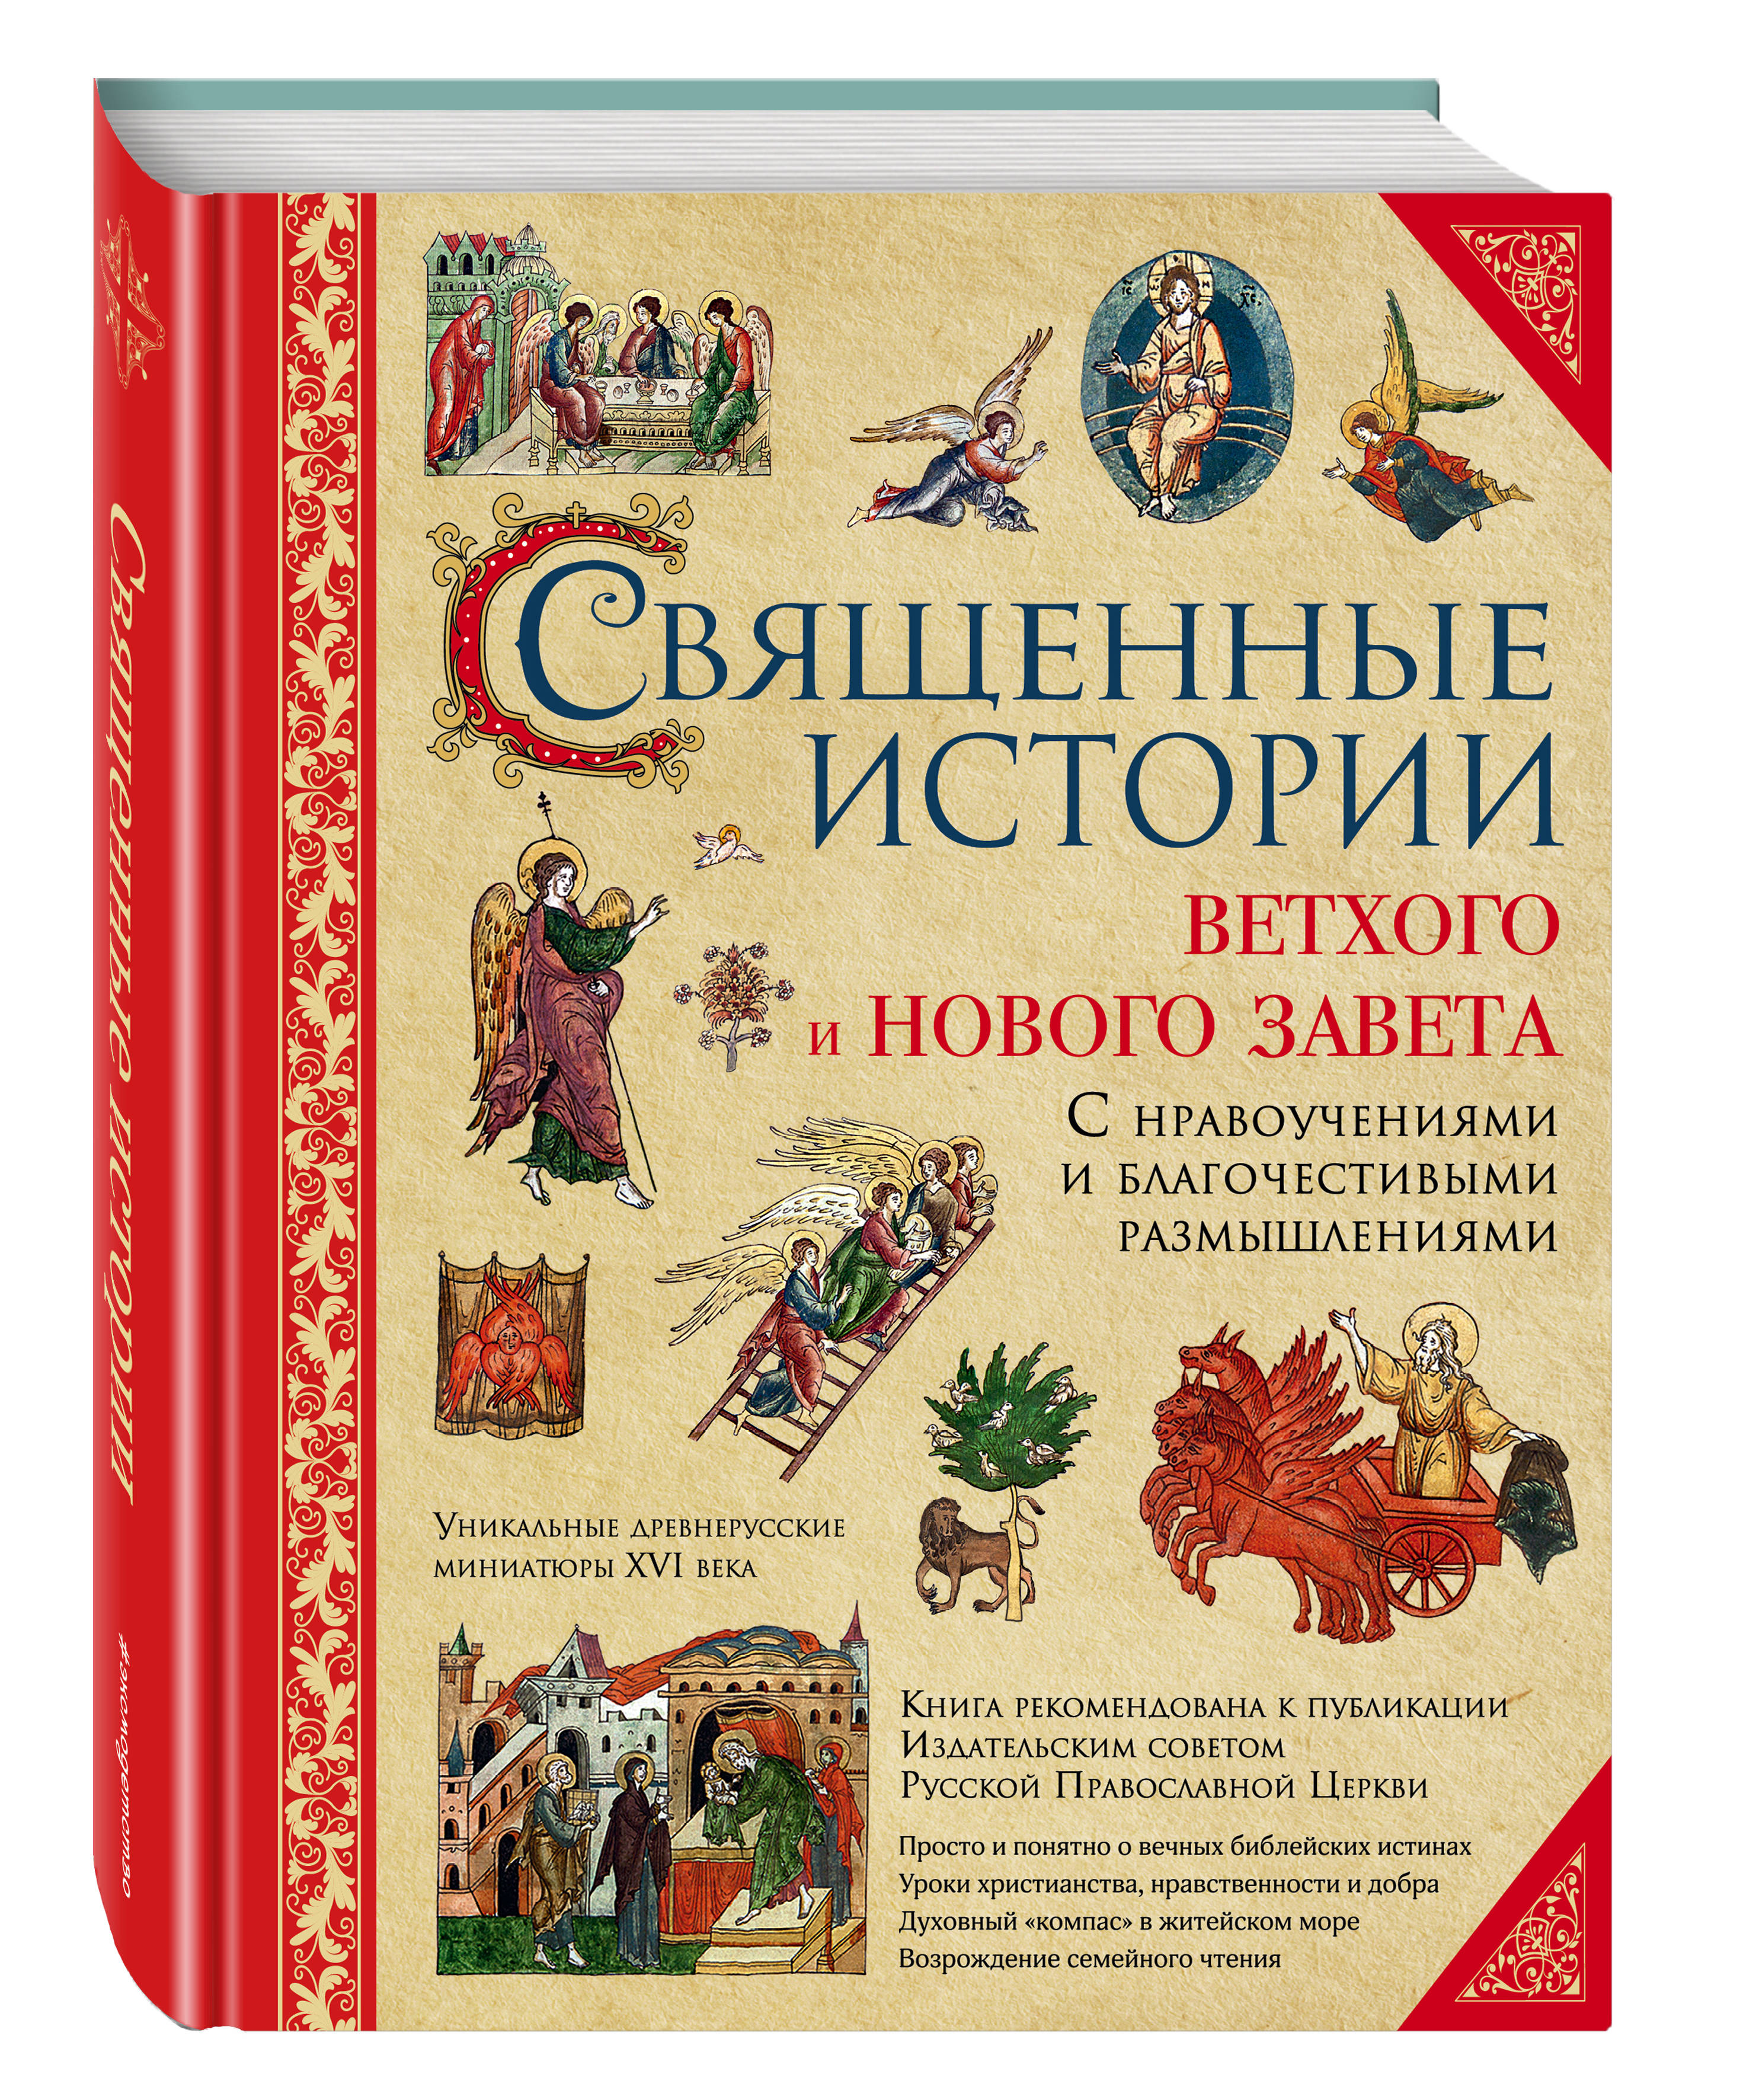 Священные истории Ветхого и Нового Завета сколько надо очков работы чтобы продать груз в archeage